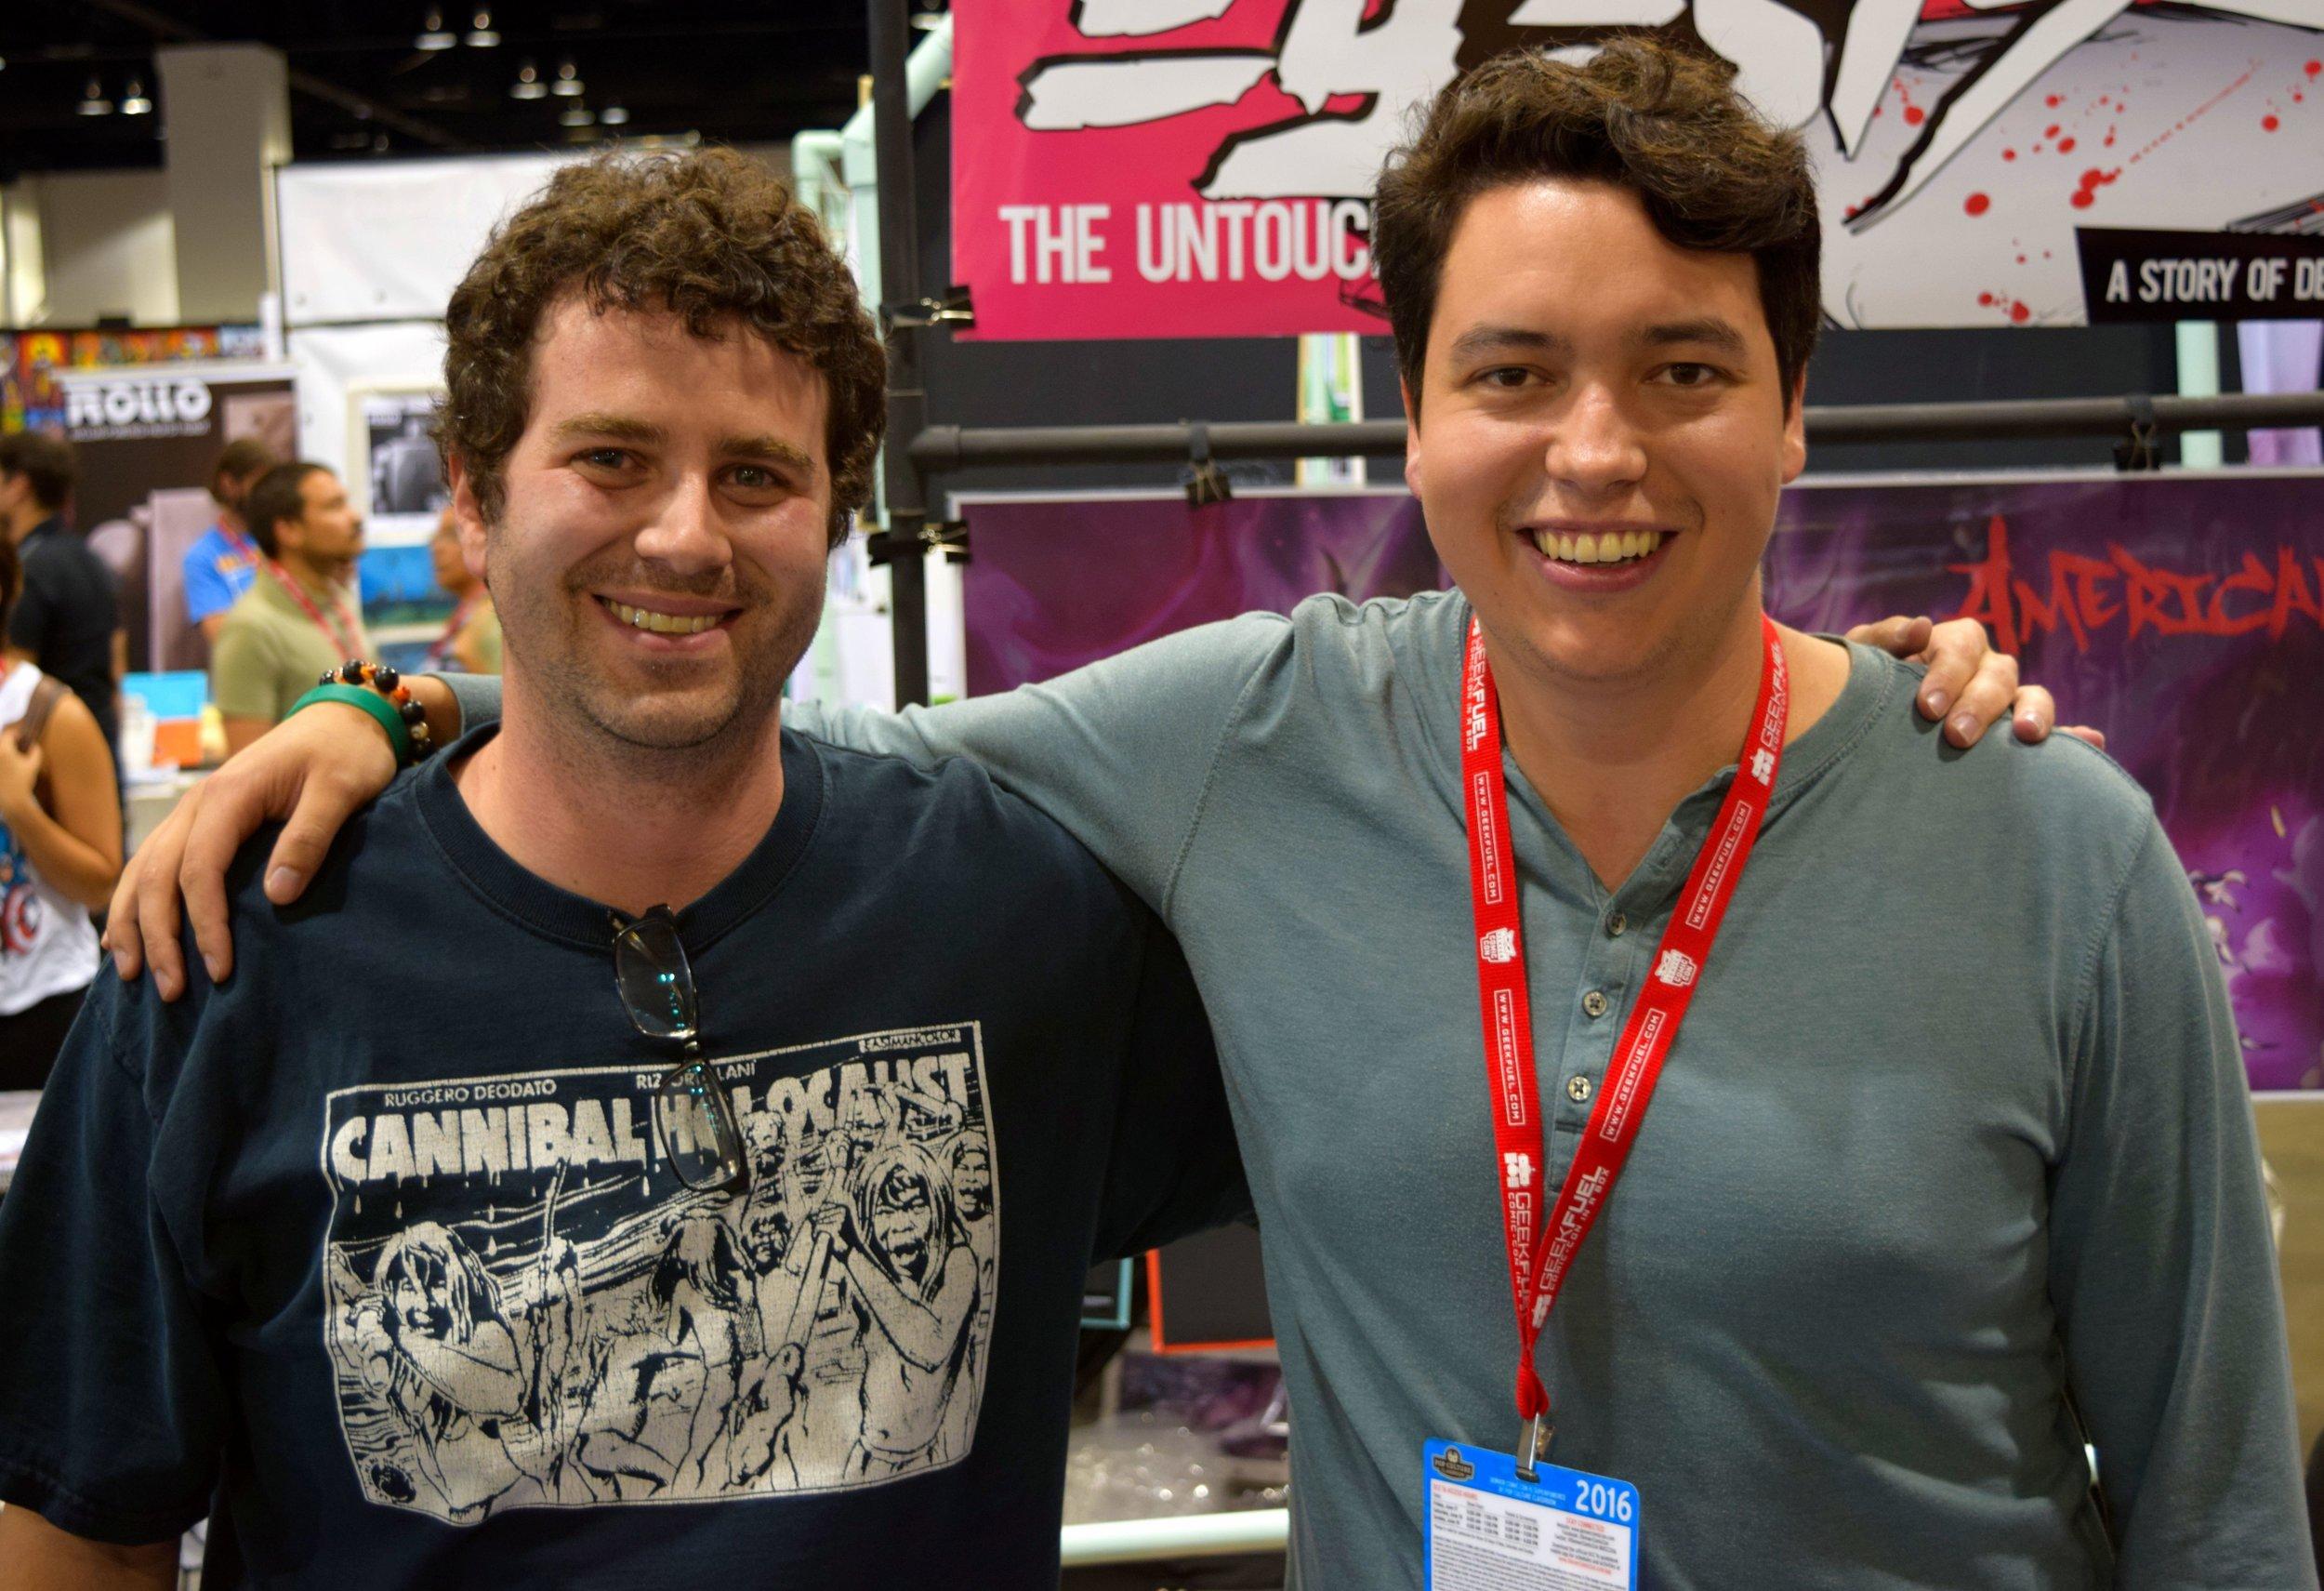 Alex Delia & David Espy at Denver Comic Con 2016. (3)